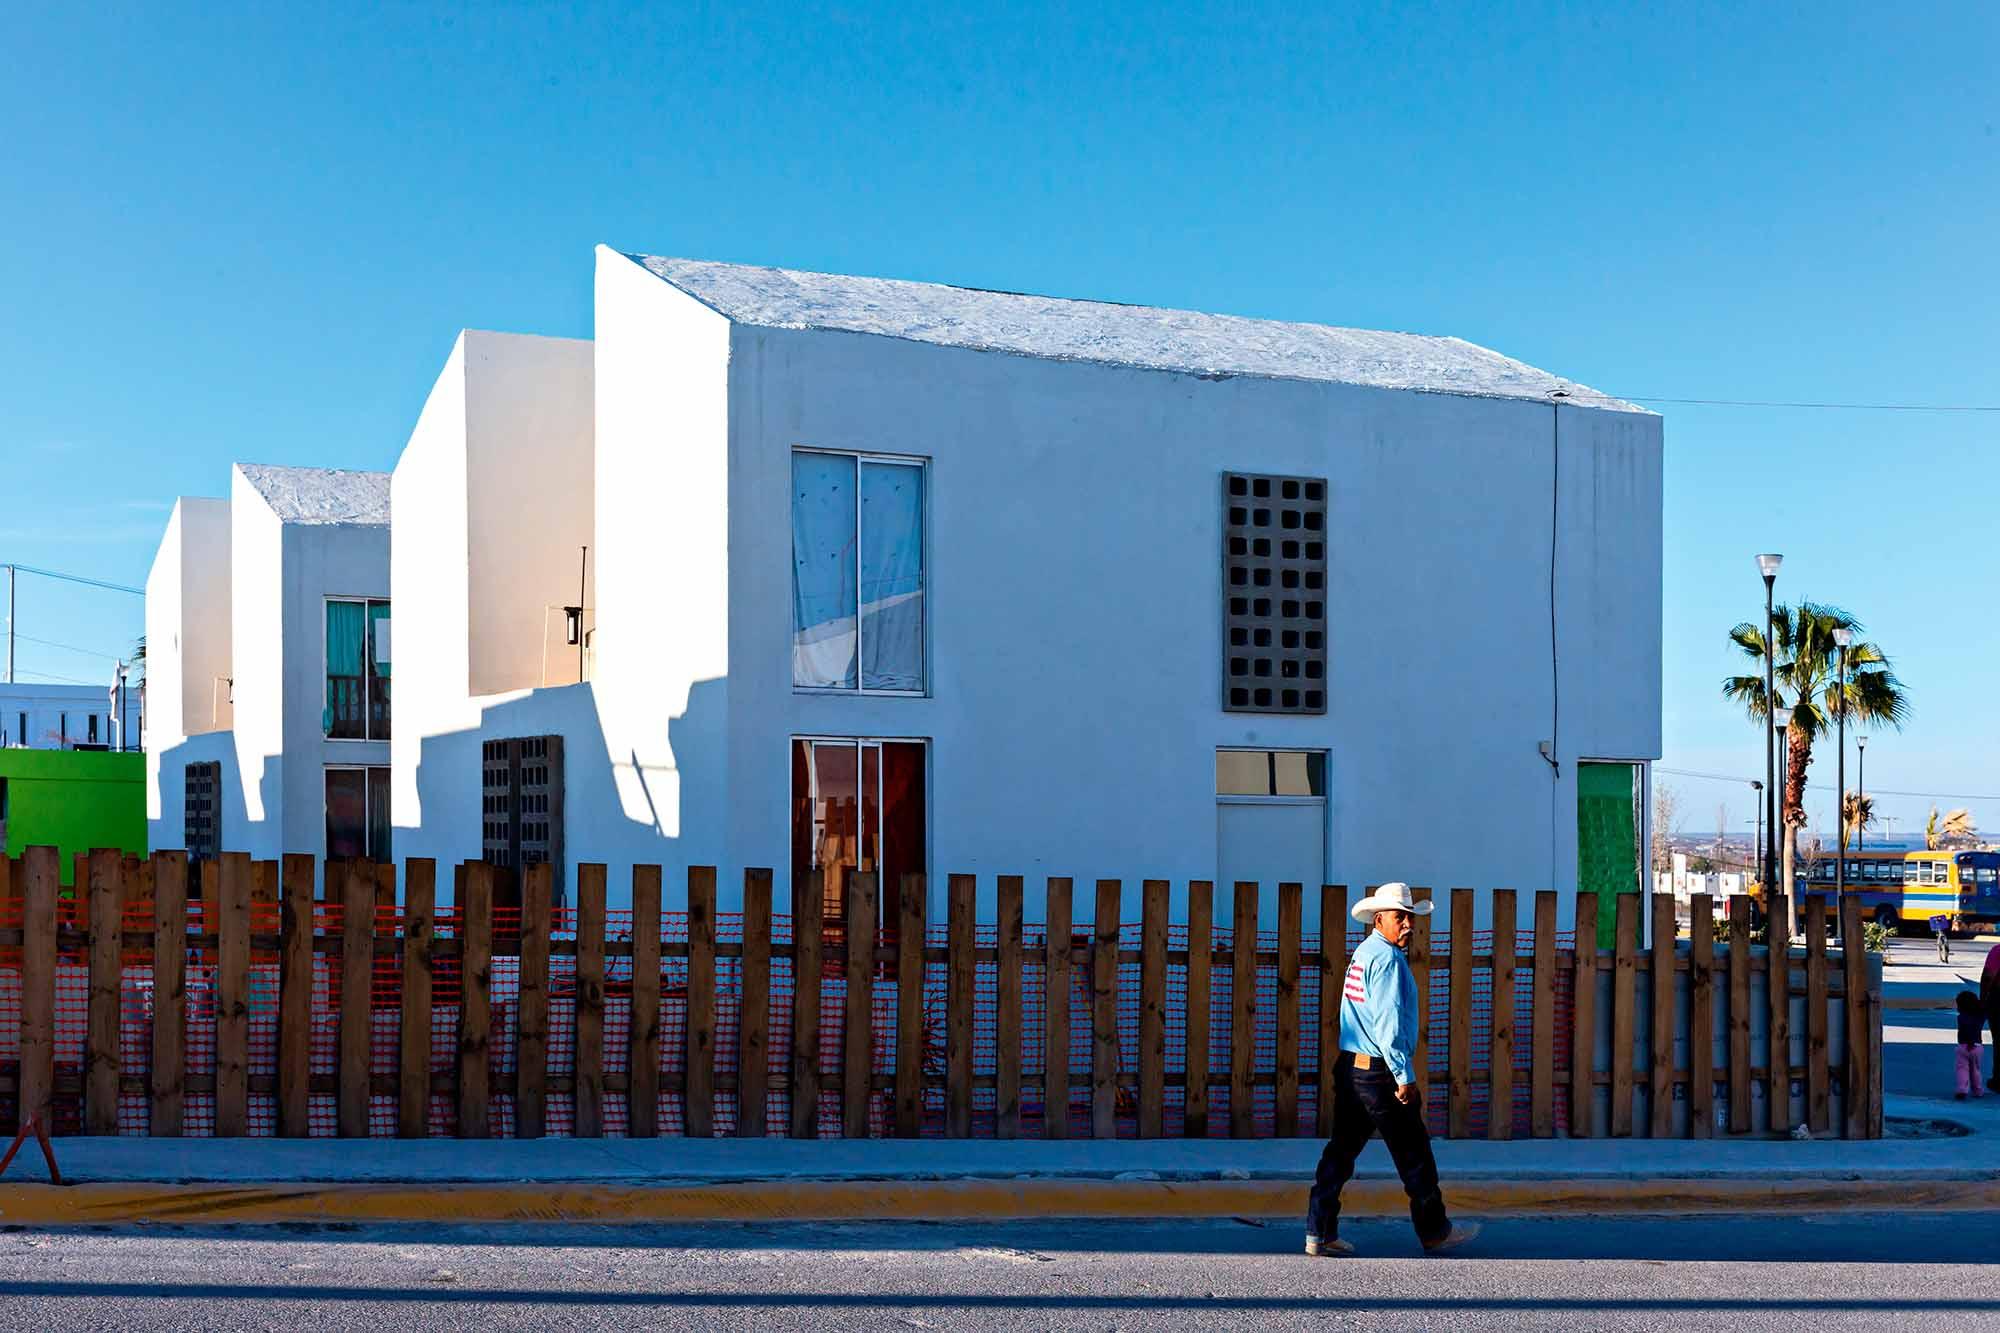 Vivienda Popular programma di unità abitativa flessibile sviluppato per il governo messicano